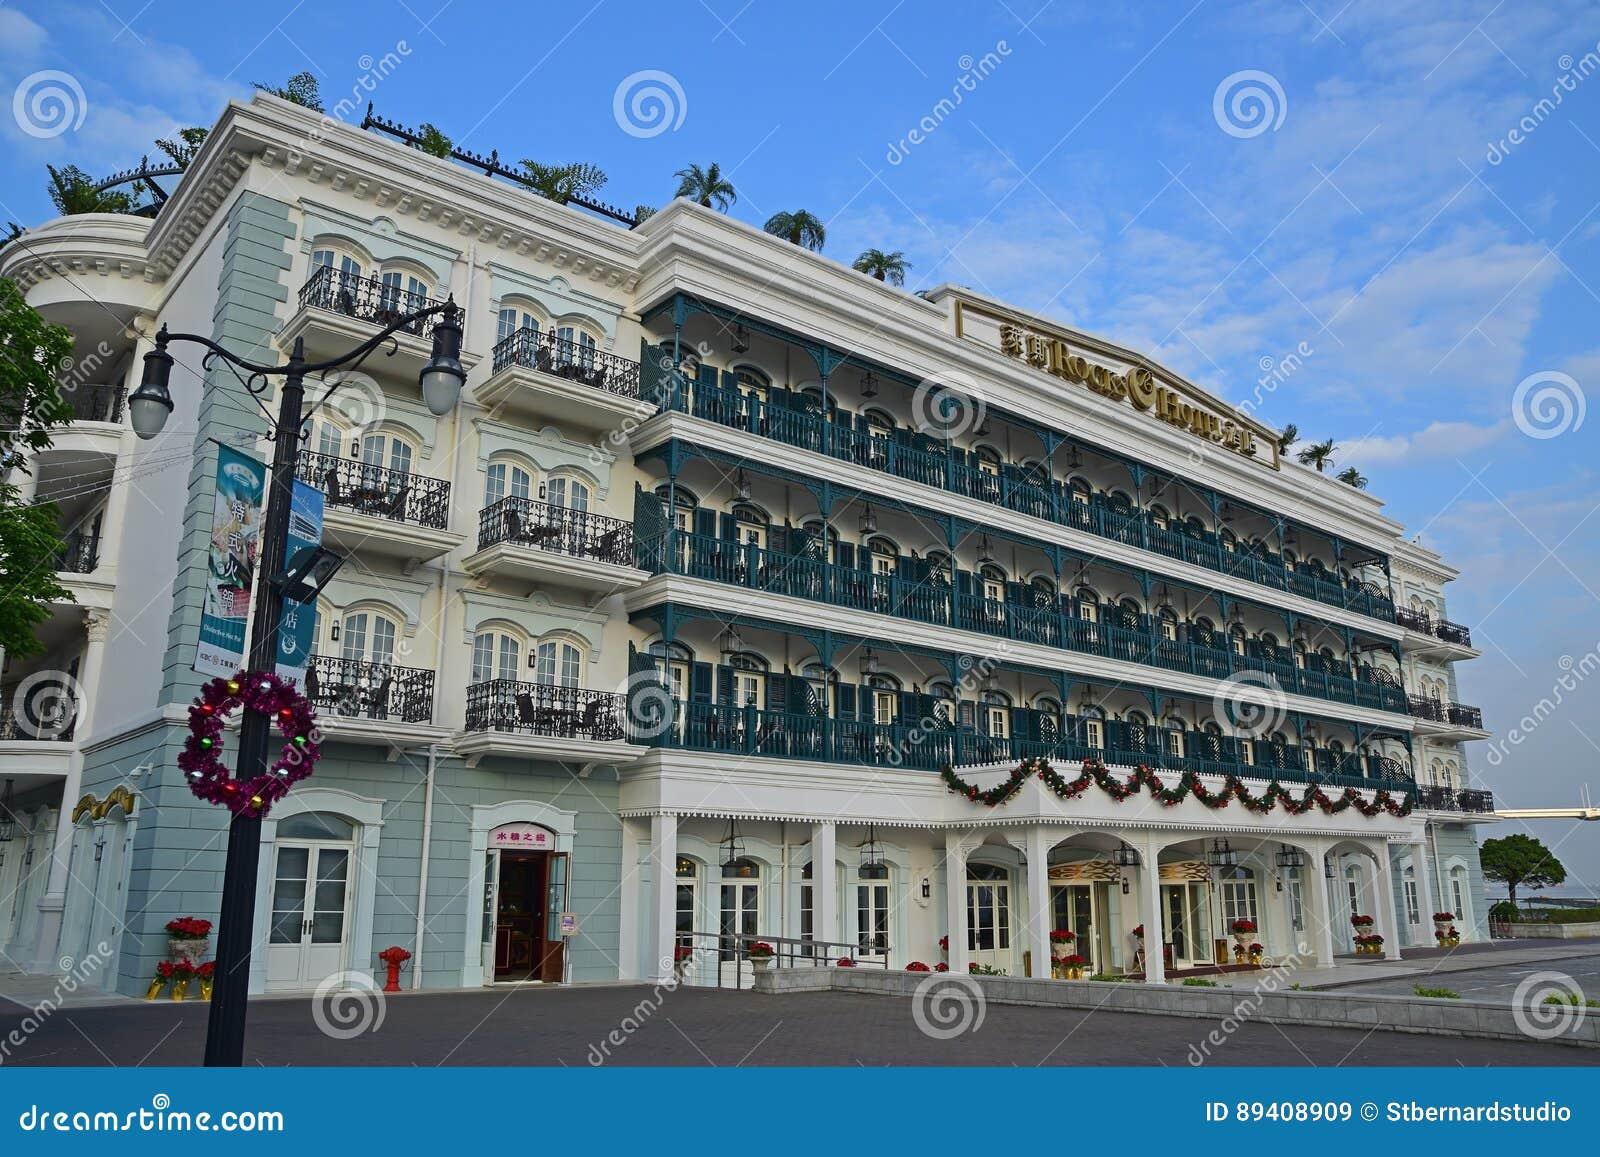 O hotel bonito das rochas com arquitetura excelente em Macau